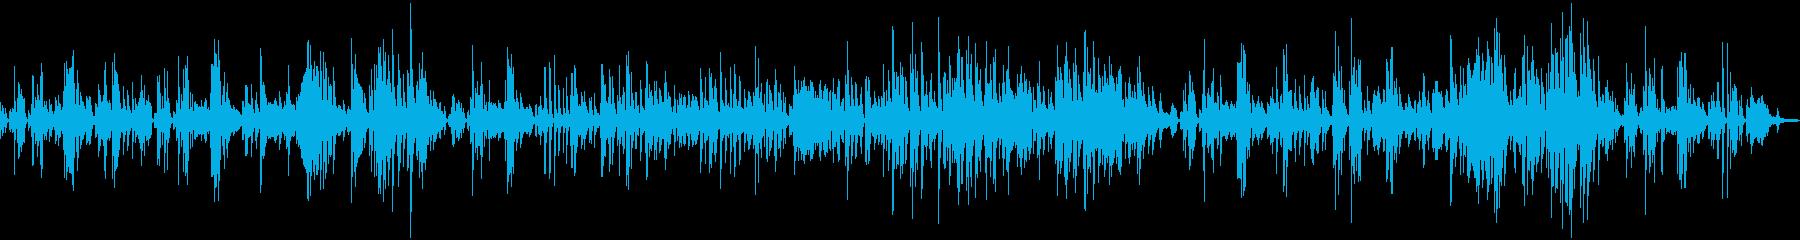 ジャズ 感情的 クール ハイテク ...の再生済みの波形